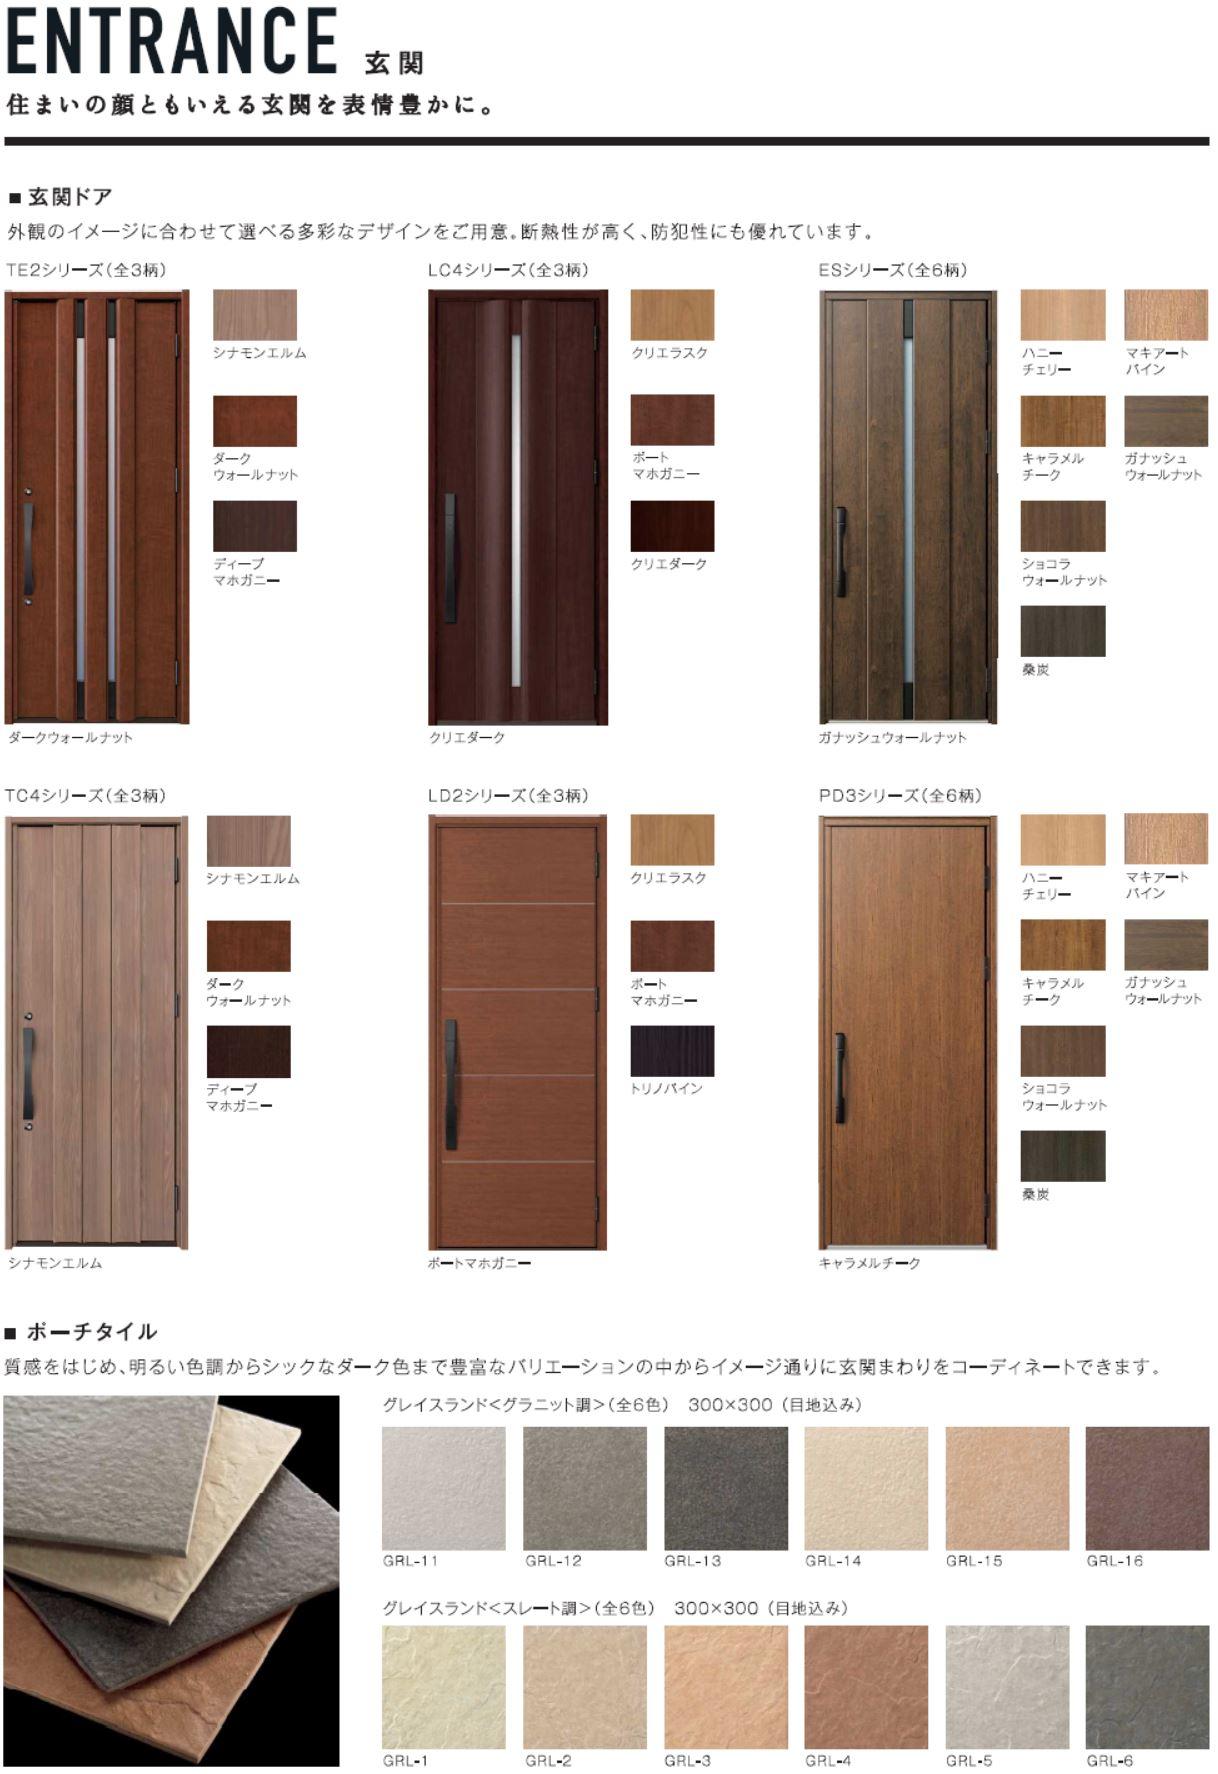 住友林業標準の玄関ドア